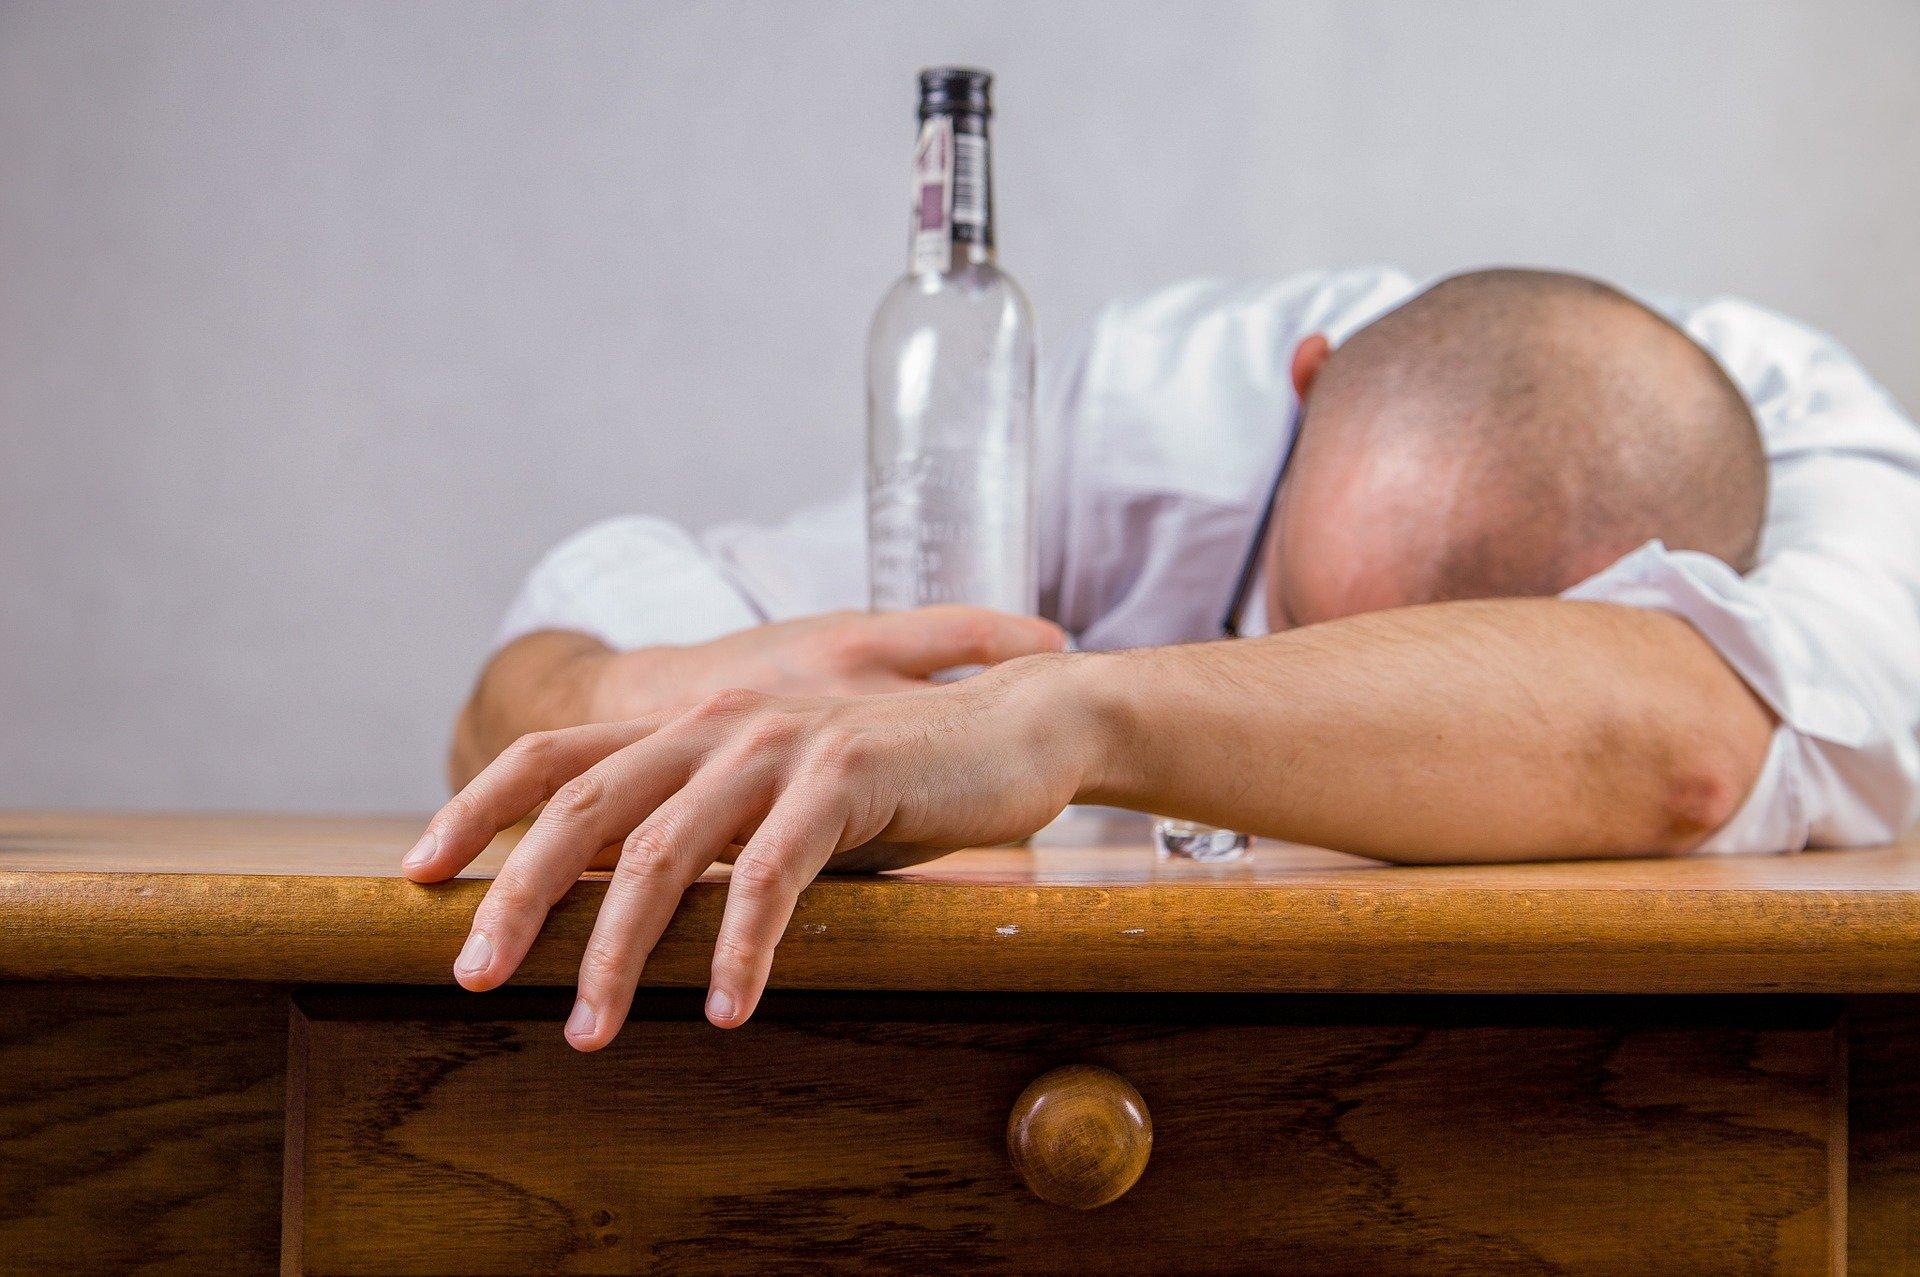 Z regionu. Pijany mężczyzna pomylił mieszkania i zasnął na podłodze - Zdjęcie główne